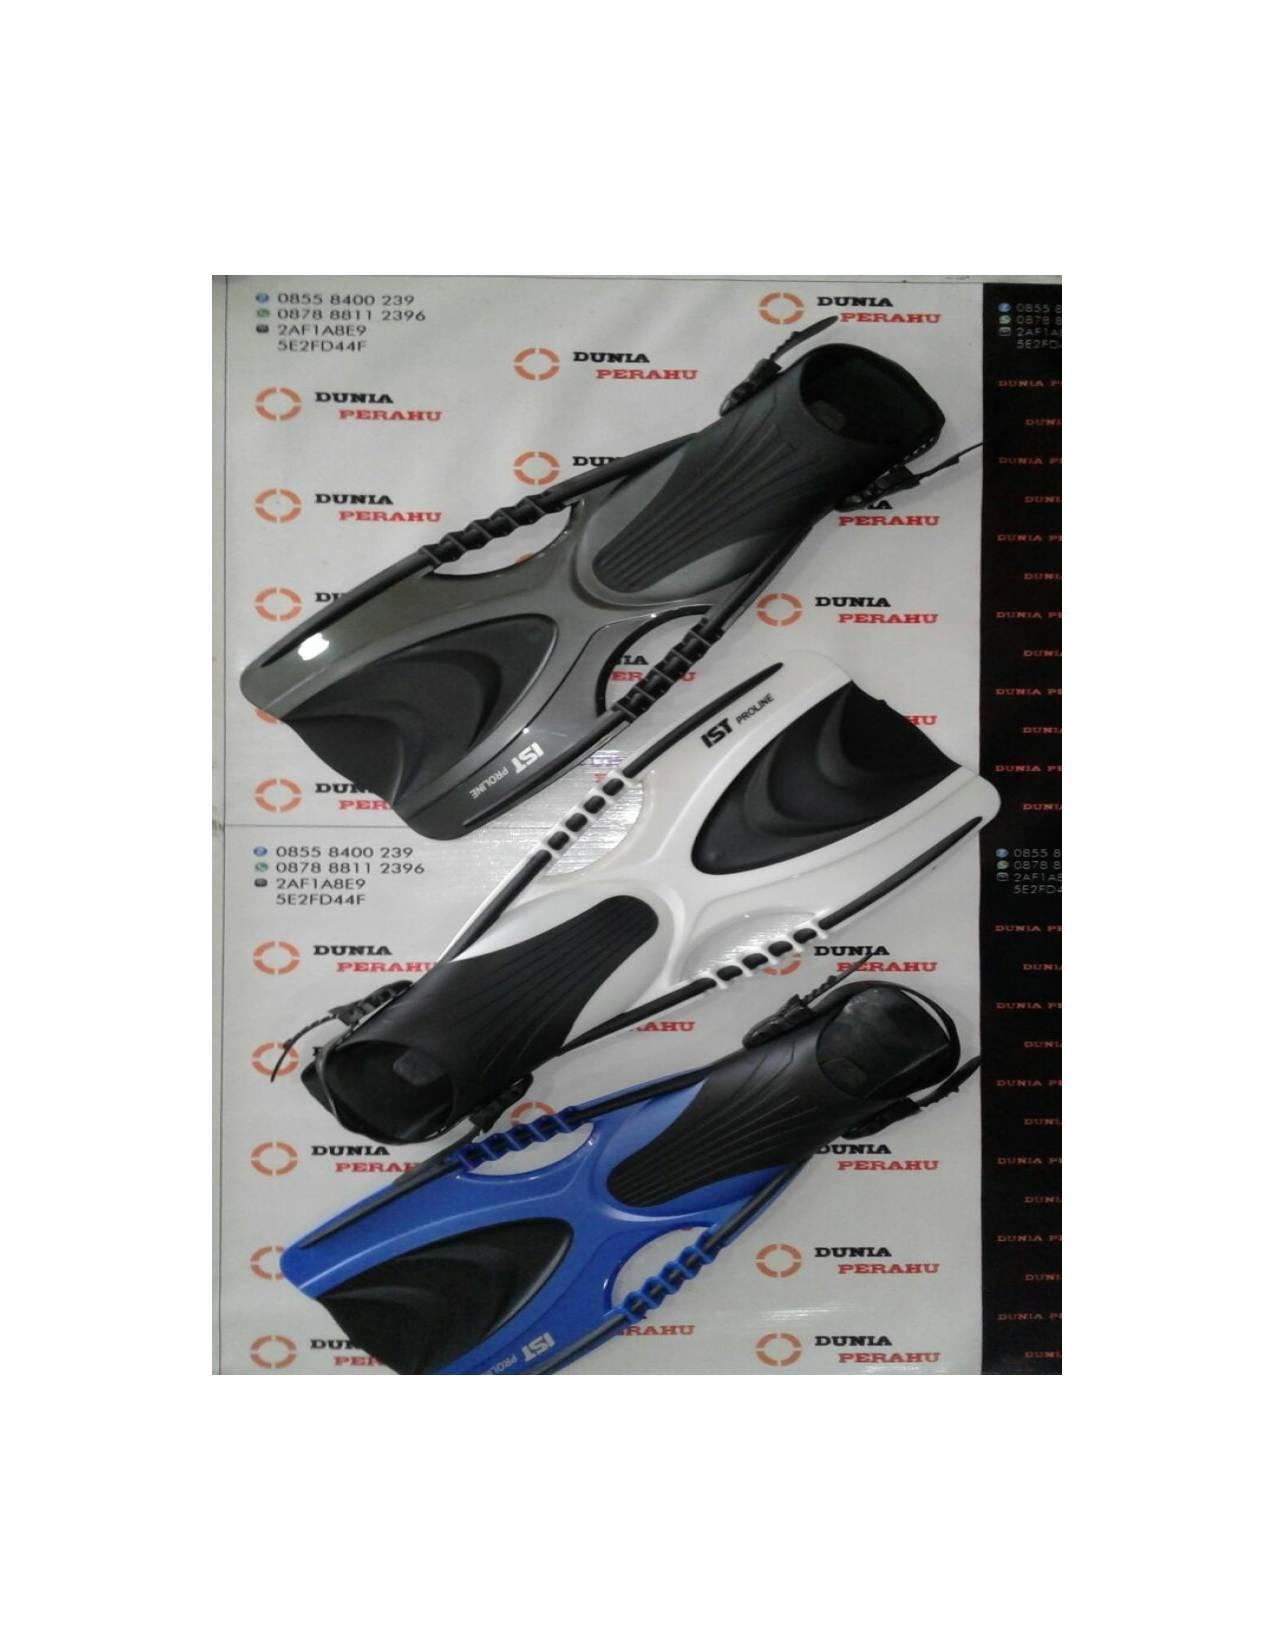 Beli Sepatu Katak Merk Store Marwanto606 Kaki Fin Seal Alat Selam Speedy Untuk Snorkling Renang